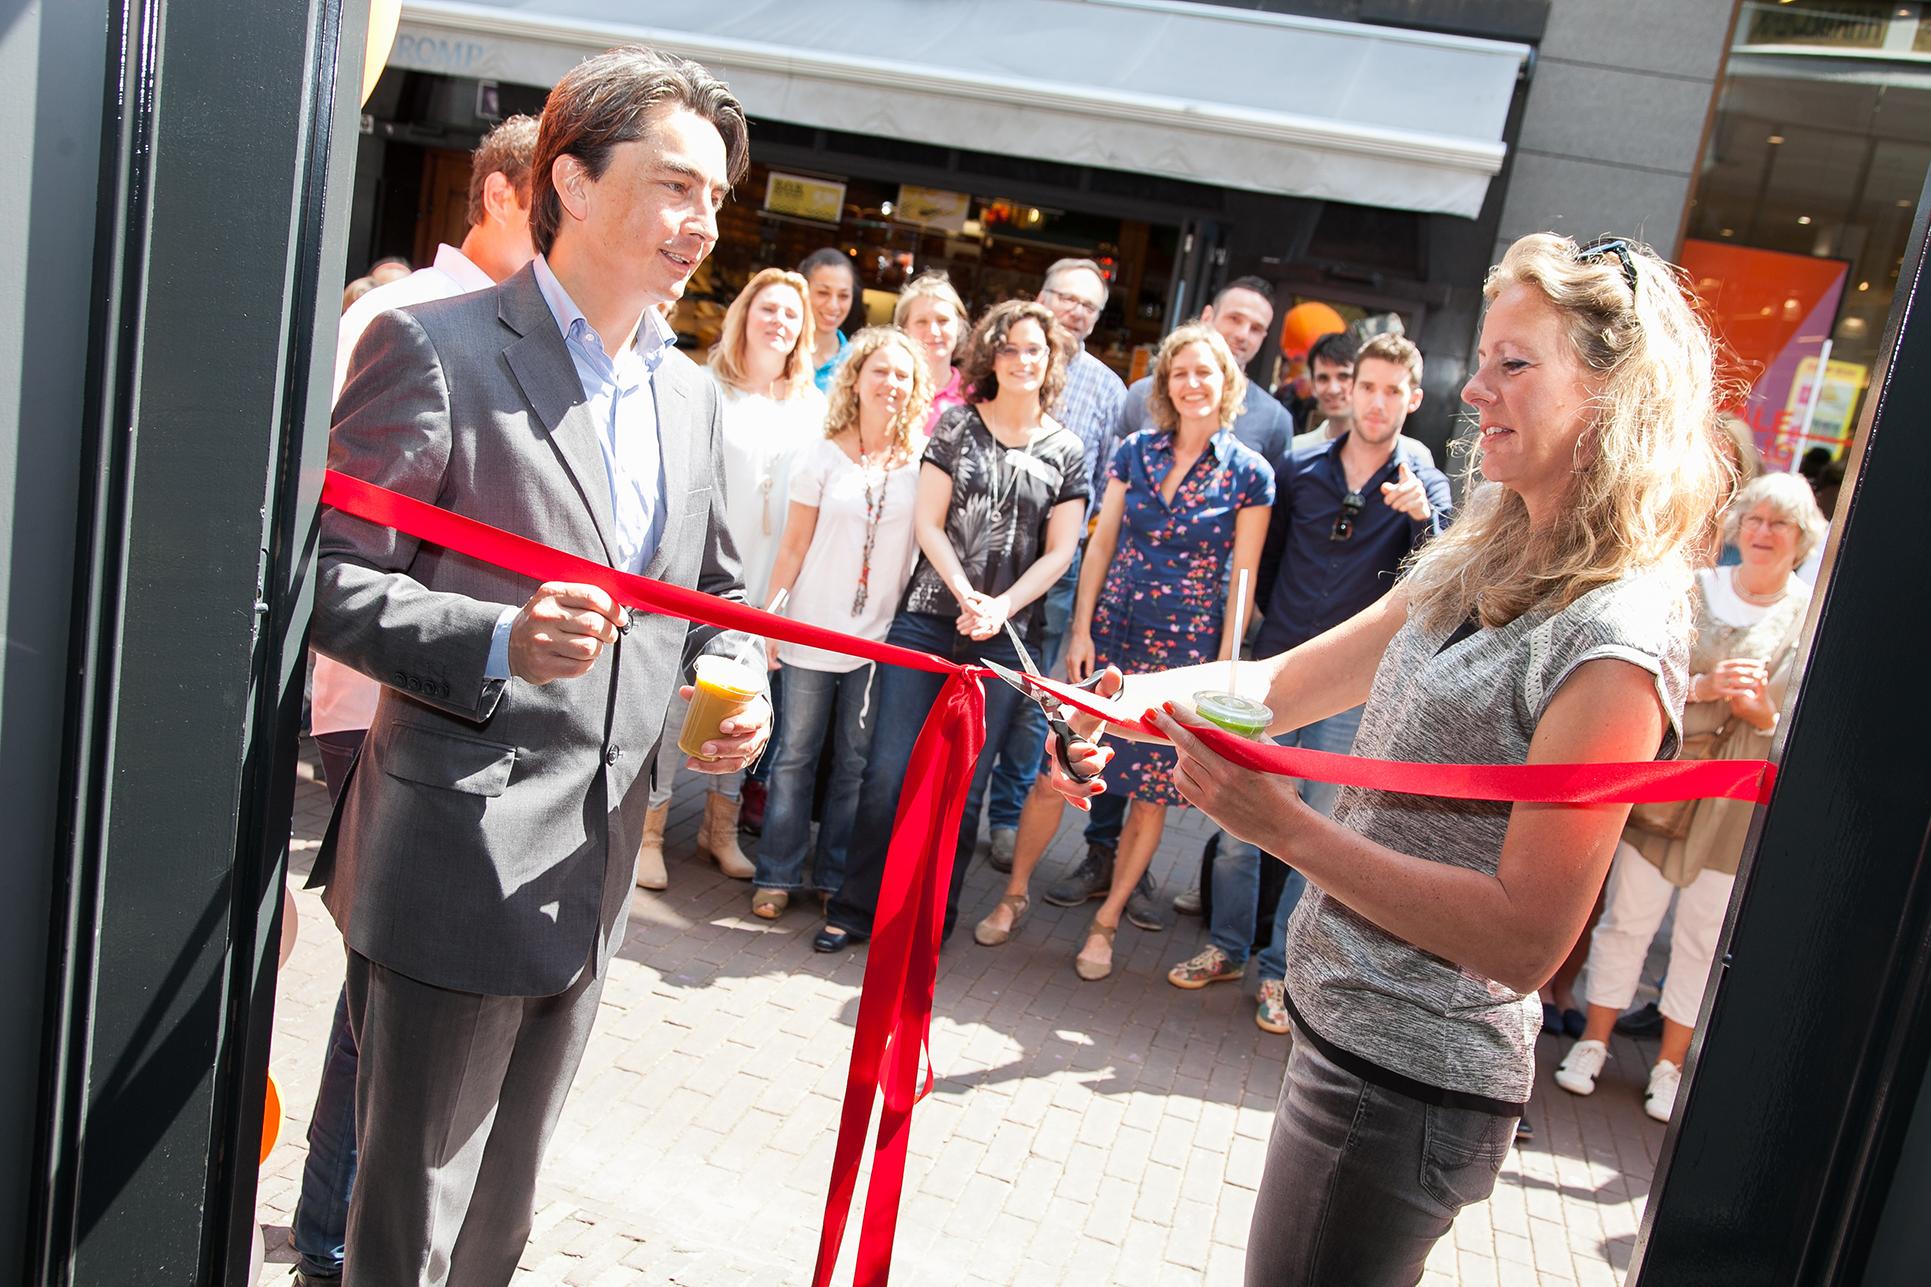 Olympisch kampioene Kirsten van der Kolk heeft deze week feestelijk de nieuwste Vitaminstore geopend in de Barteljorisstraat in Haarlem. Bron: FranchiseFormules.NL